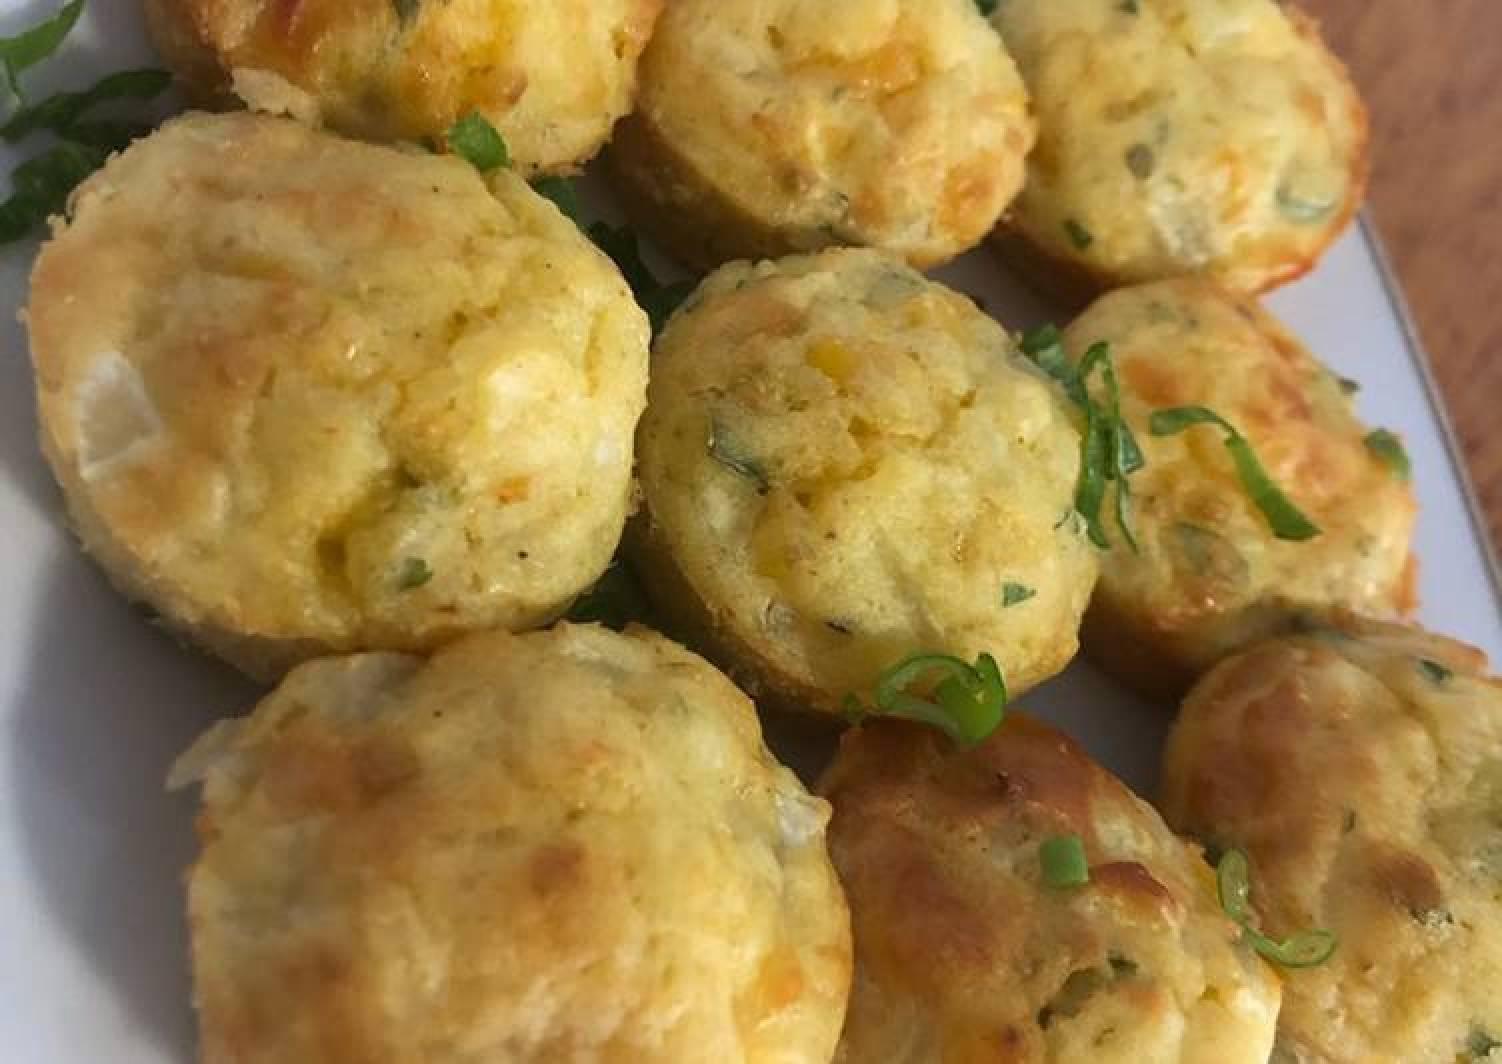 Sweetcorn Quiche Recipe Credit Amina Grant Watalotergot